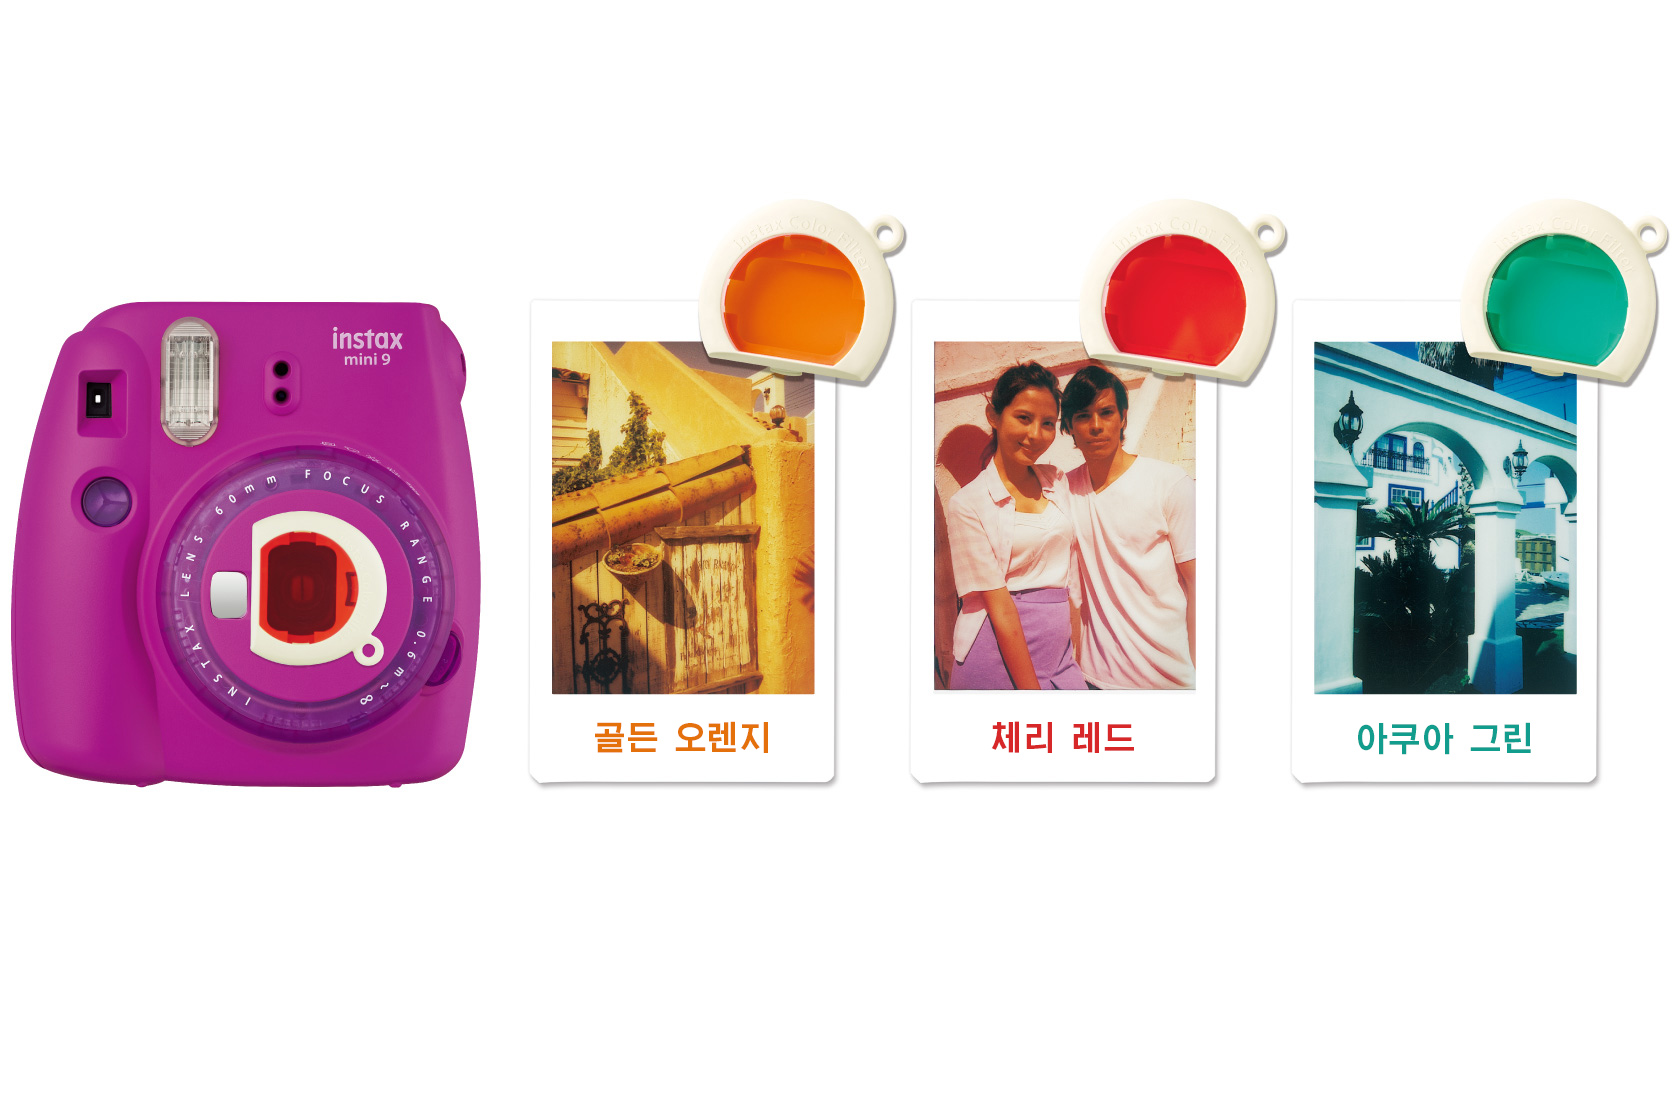 [photo] 퍼플 색상의 인스탁스 미니9 리미티드 에디션 필름카메라와 3가지 컬러 필터와 필터를 적용한 샘플 사진